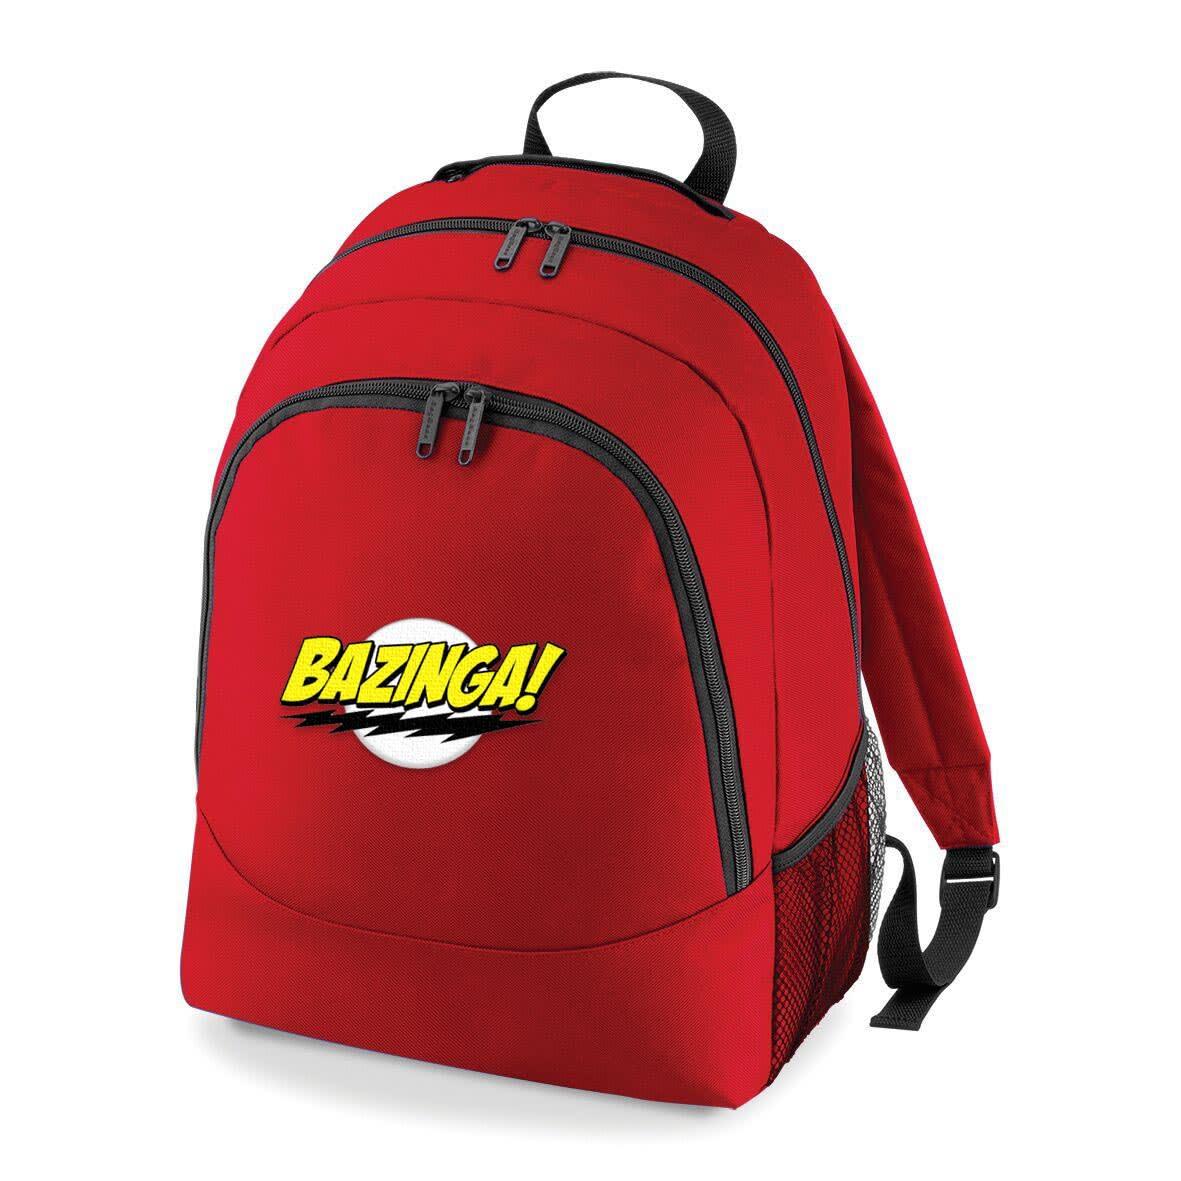 Bazinga The Big Bang Theory Rucksack Bag